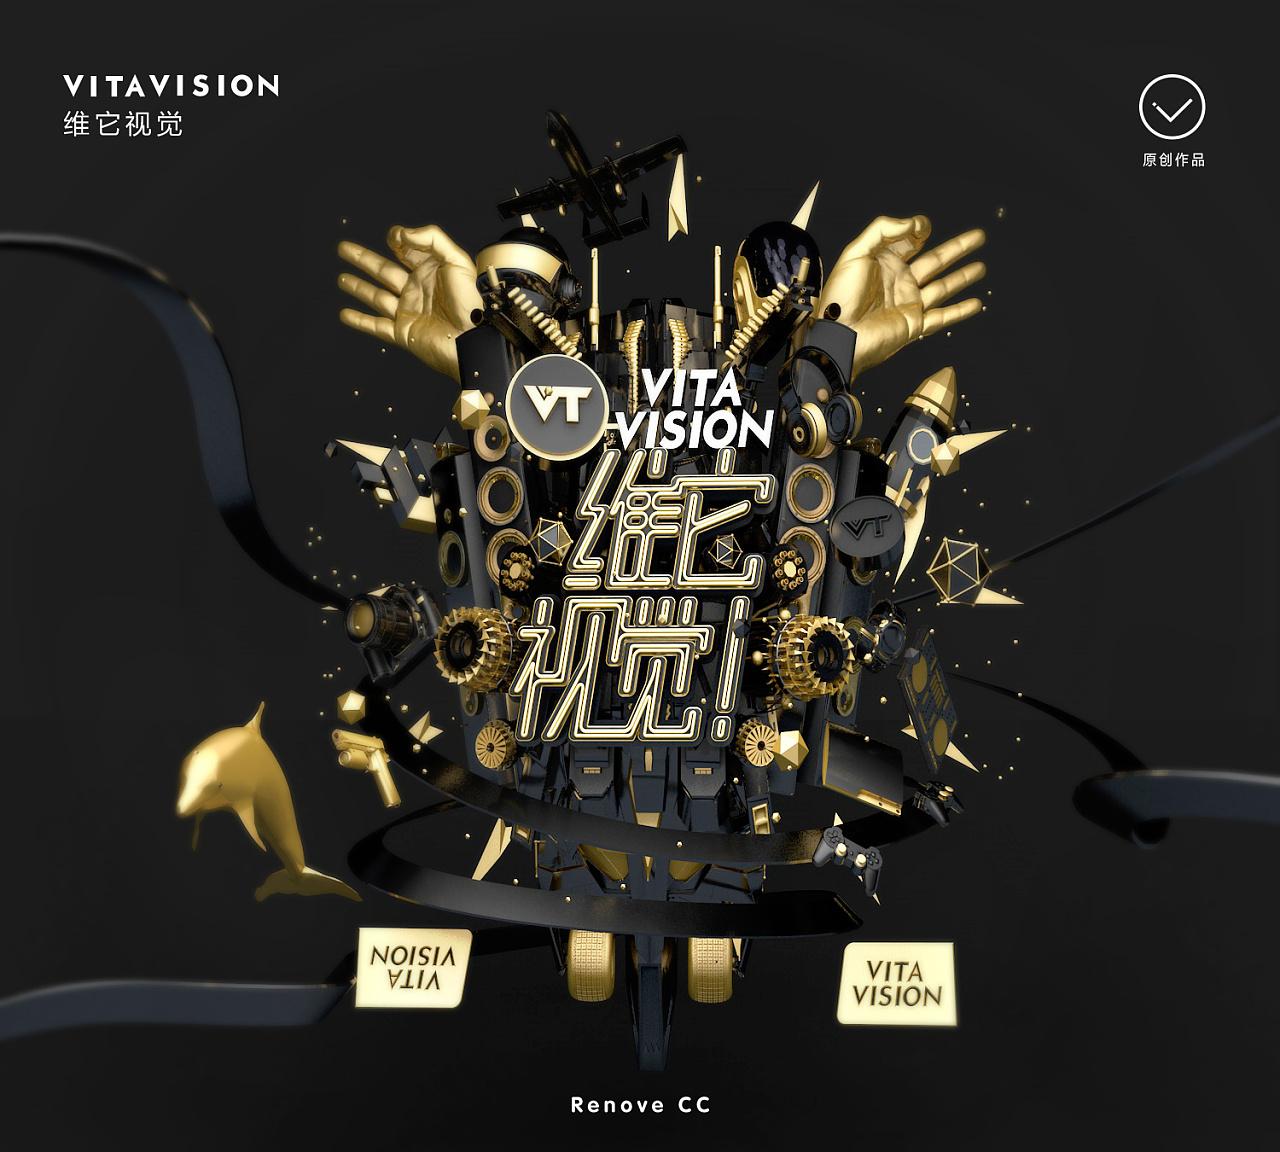 维仹�-ym�ynm9��9�.���_vitavision维它视觉